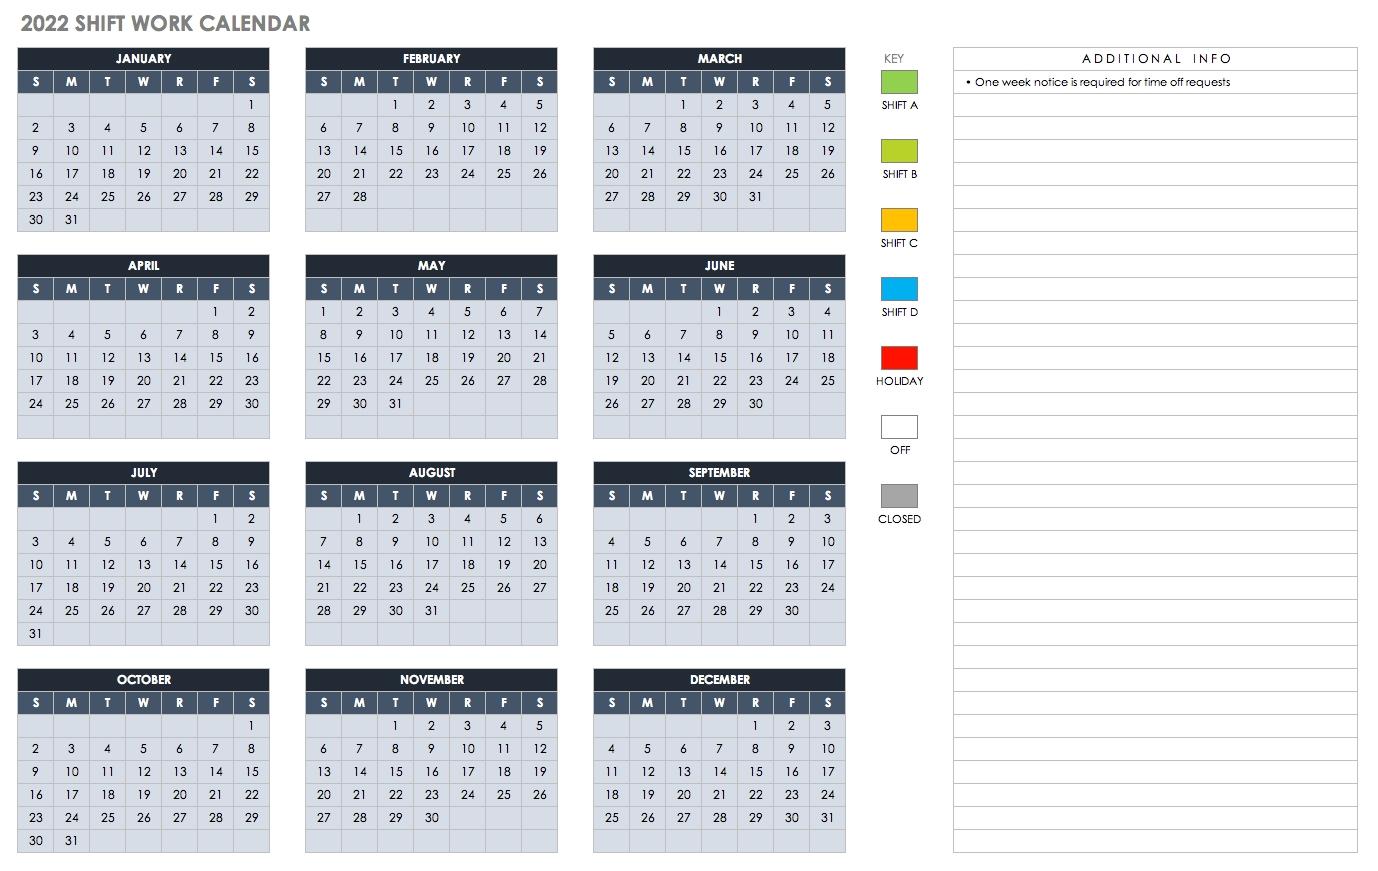 Free Excel Calendar Templates-Payroll Calendar Template 2020